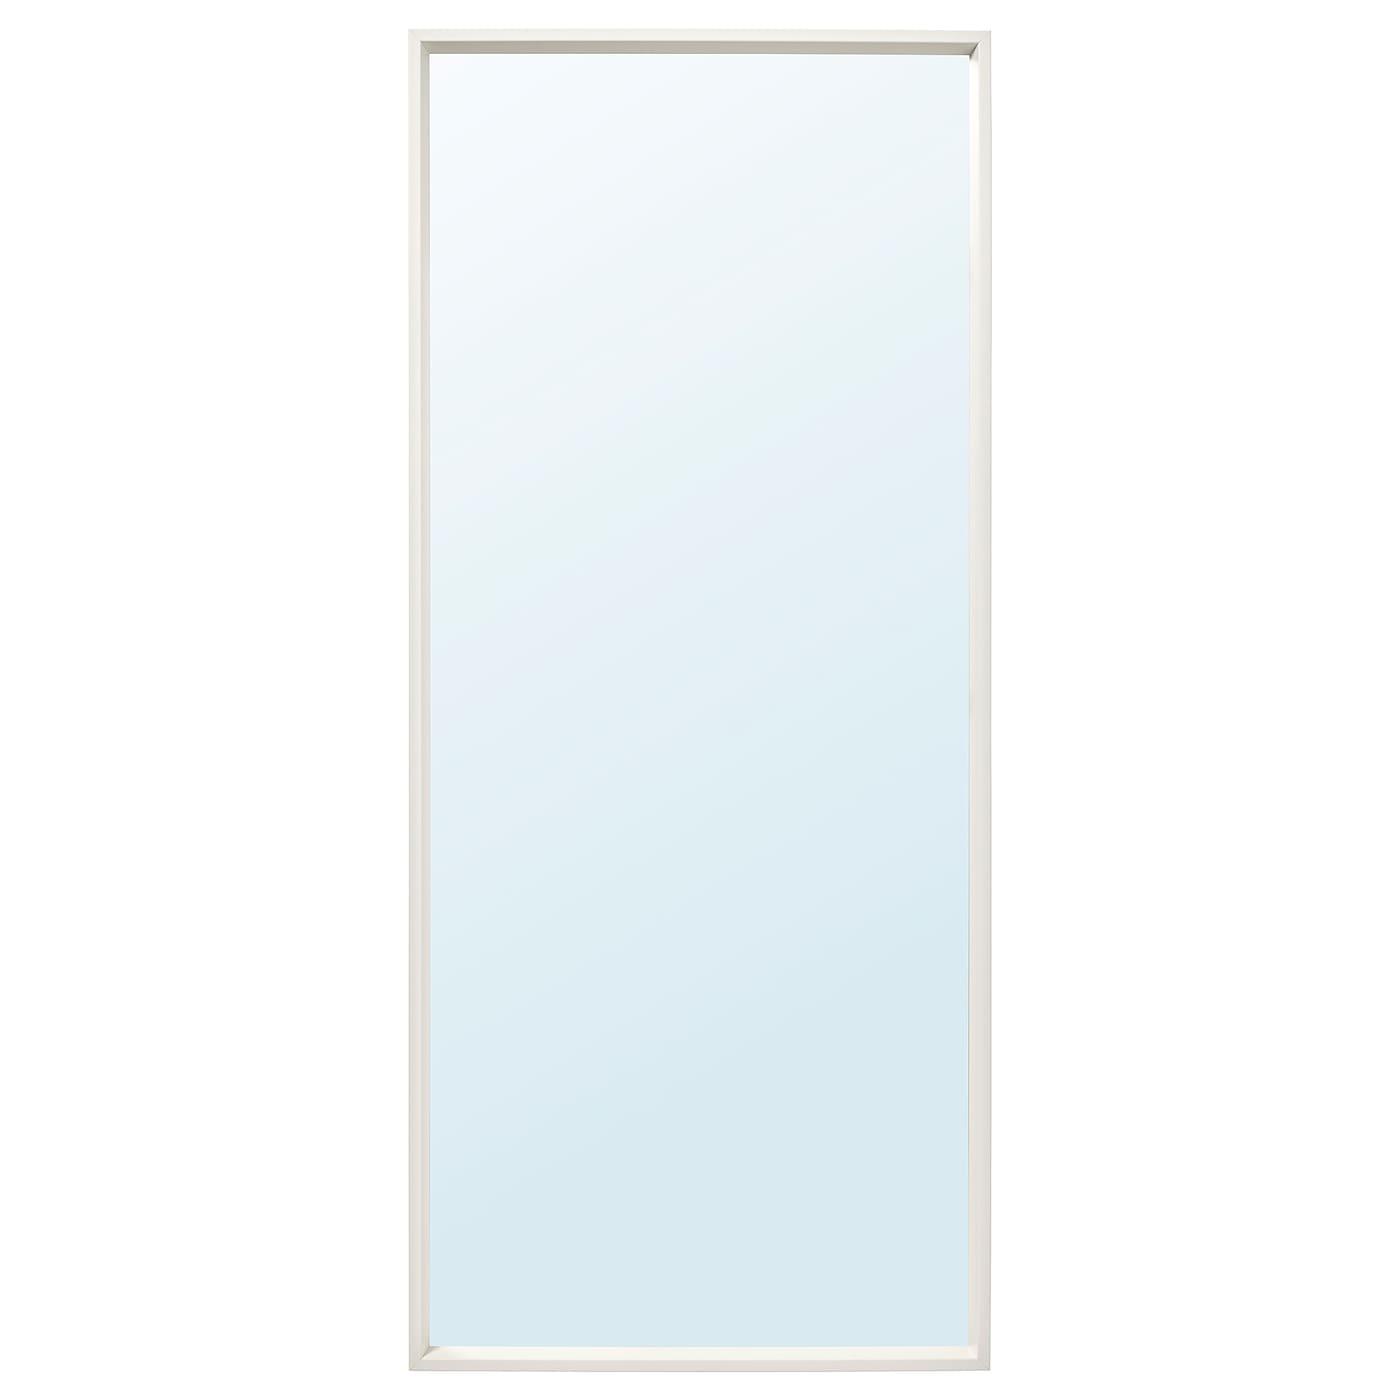 Nissedal espejo blanco 65 x 150 cm ikea - Espejo pie ikea ...